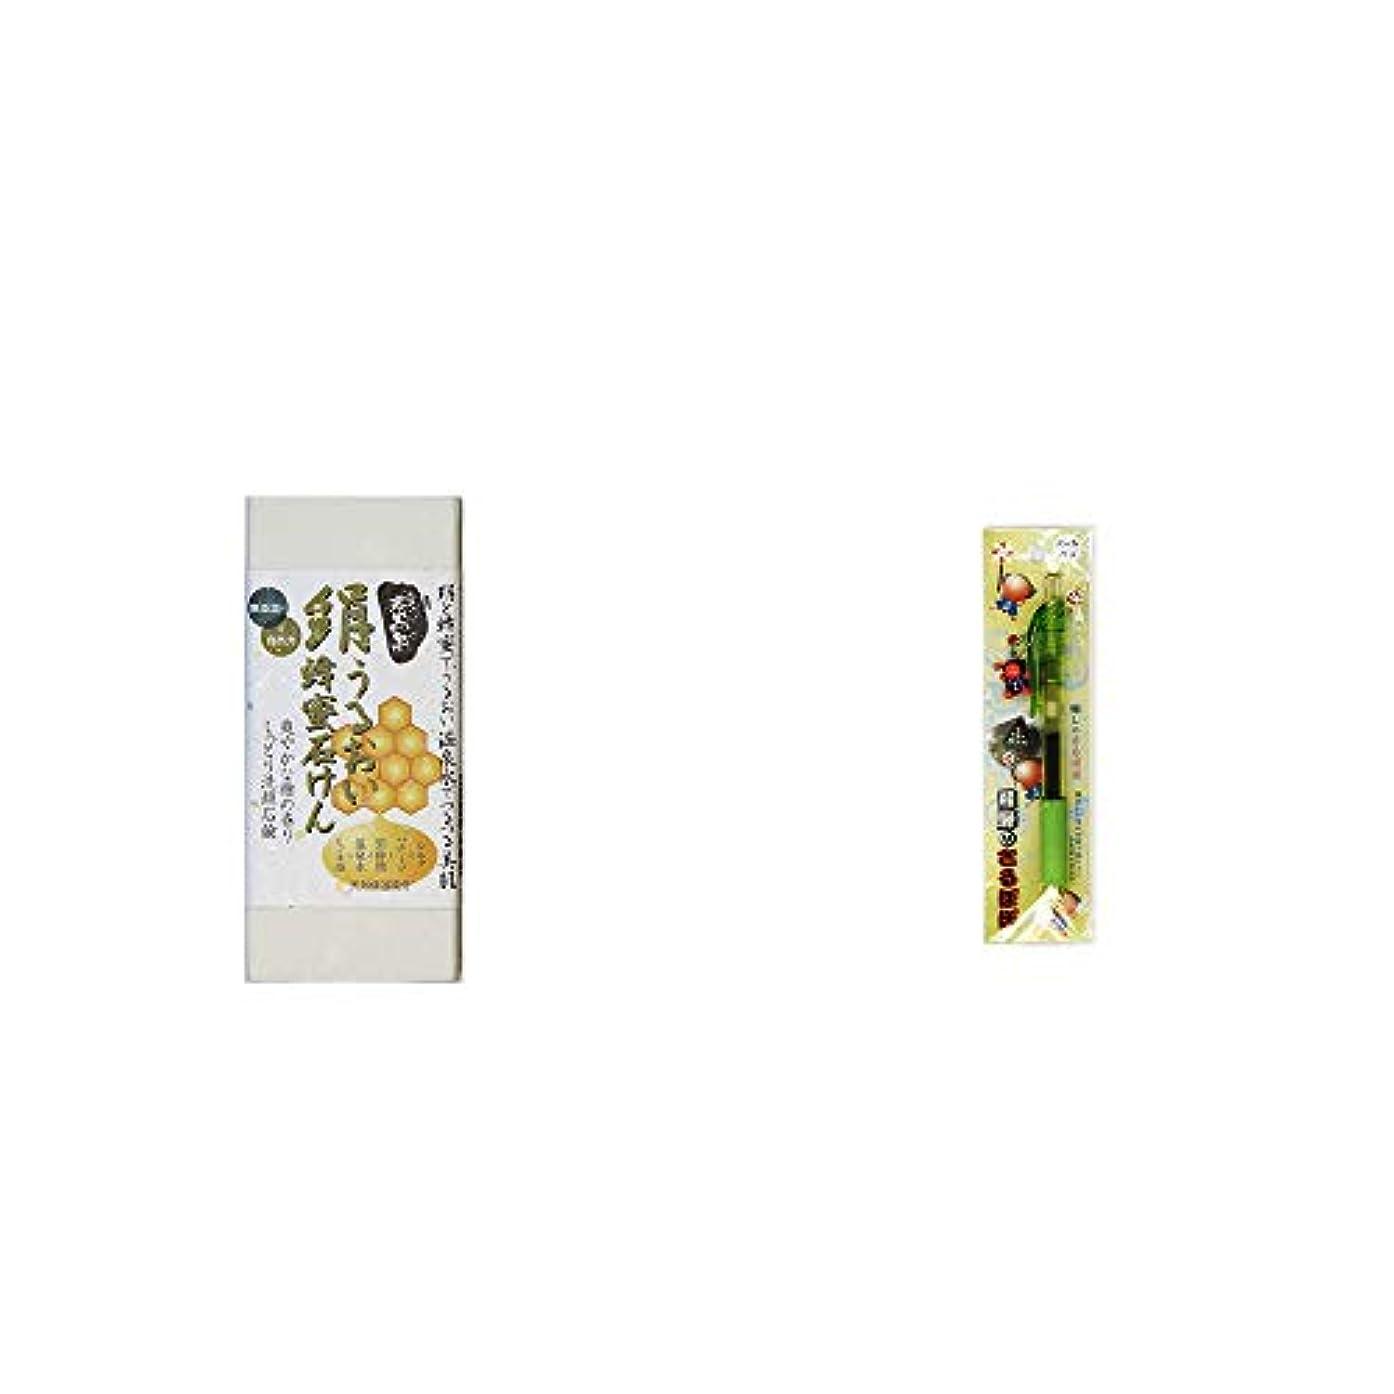 誠実さ司書全体[2点セット] ひのき炭黒泉 絹うるおい蜂蜜石けん(75g×2)?さるぼぼ 癒しボールペン 【グリーン】